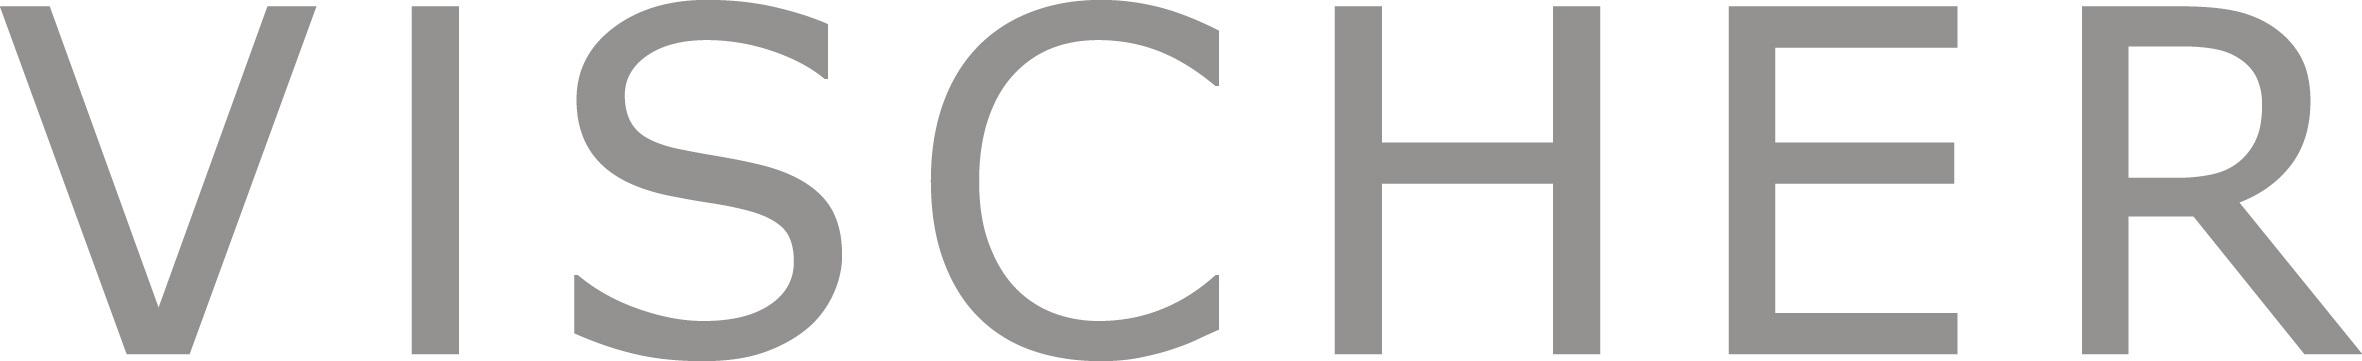 VISCHER-logo-grey